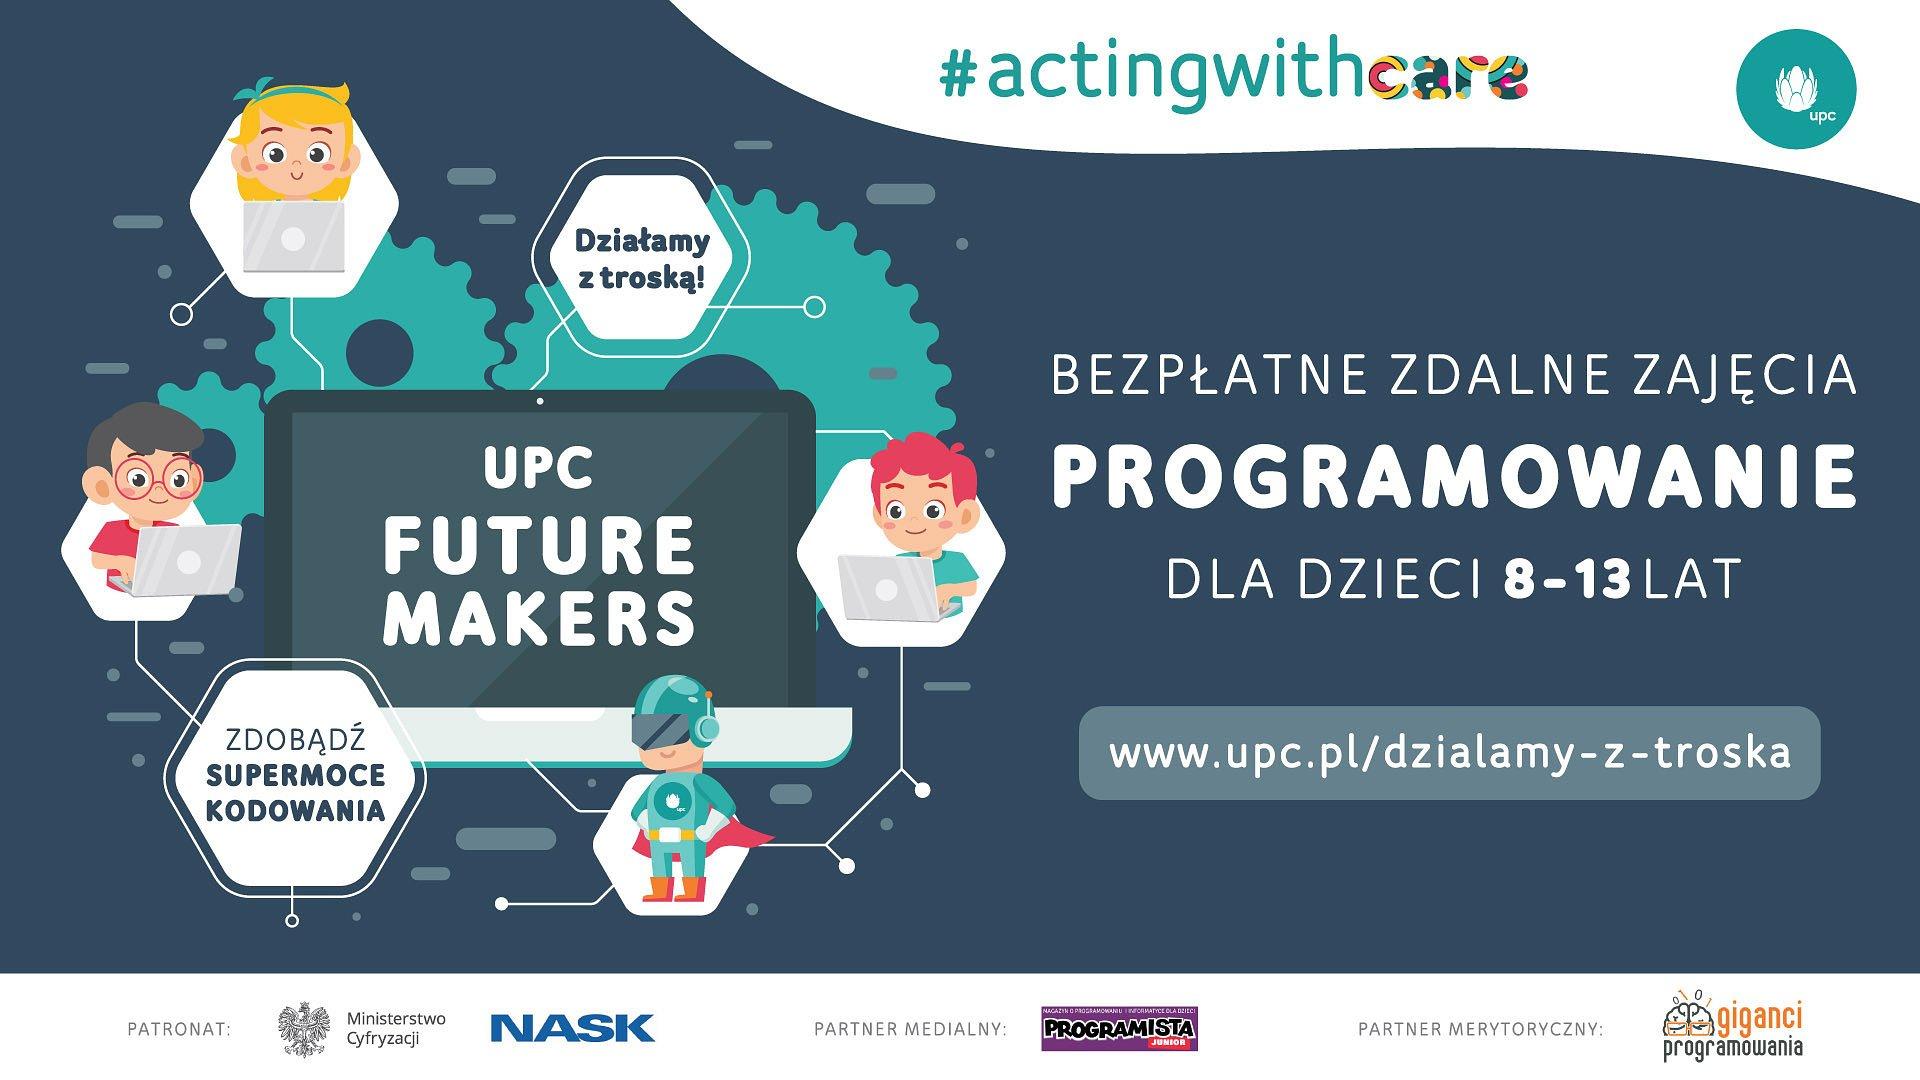 #zostanwdomu i naucz się programować. UPC uruchamia bezpłatne zdalne warsztaty programowania dla dzieci w wieku 8-13 lat